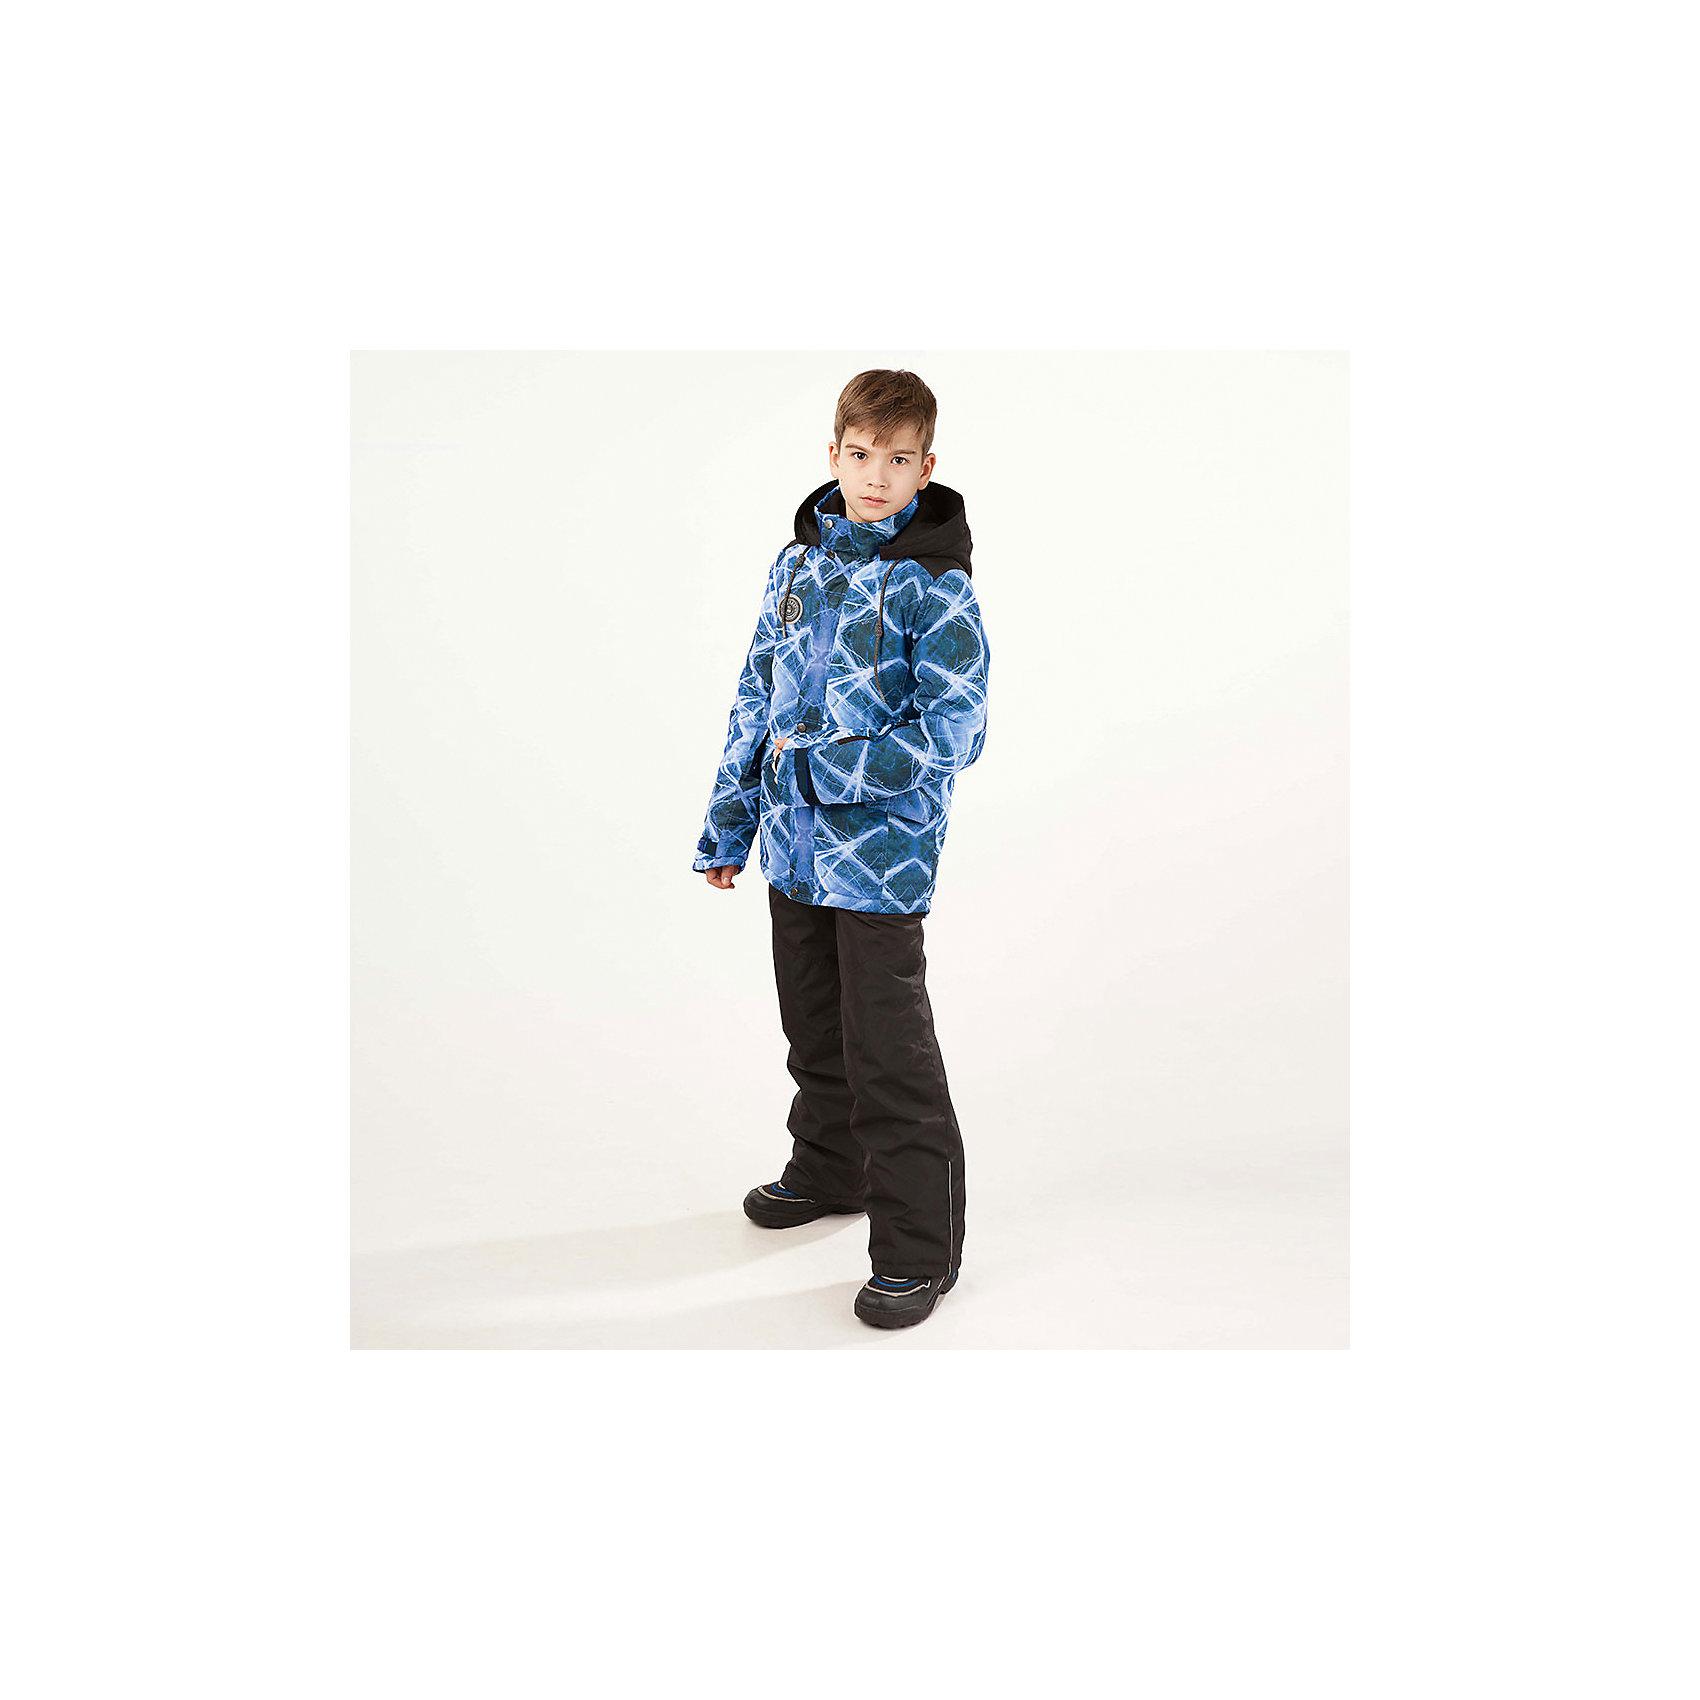 Комплект: куртка и полукомбенизон Кай Batik для мальчикаВерхняя одежда<br>Комплект: куртка и полукомбенизон Кай Batik для мальчика<br>Верхняя ткань обладает водоотталкивающими и ветрозащитными свойствами мембраны. Полукомбинезон с отстегивающимися лямками. Куртка на молнии с ветрозащитной планкой и юбкой внутри, светоотражающими элементами и капюшон на молнии.<br>Состав:<br>Ткань верха - TASLON OXFORD;  Утеплитель - Слайтекс 250;  Подкладка - Полар флис;<br><br>Ширина мм: 356<br>Глубина мм: 10<br>Высота мм: 245<br>Вес г: 519<br>Цвет: синий<br>Возраст от месяцев: 156<br>Возраст до месяцев: 168<br>Пол: Мужской<br>Возраст: Детский<br>Размер: 164,152,158<br>SKU: 7028357